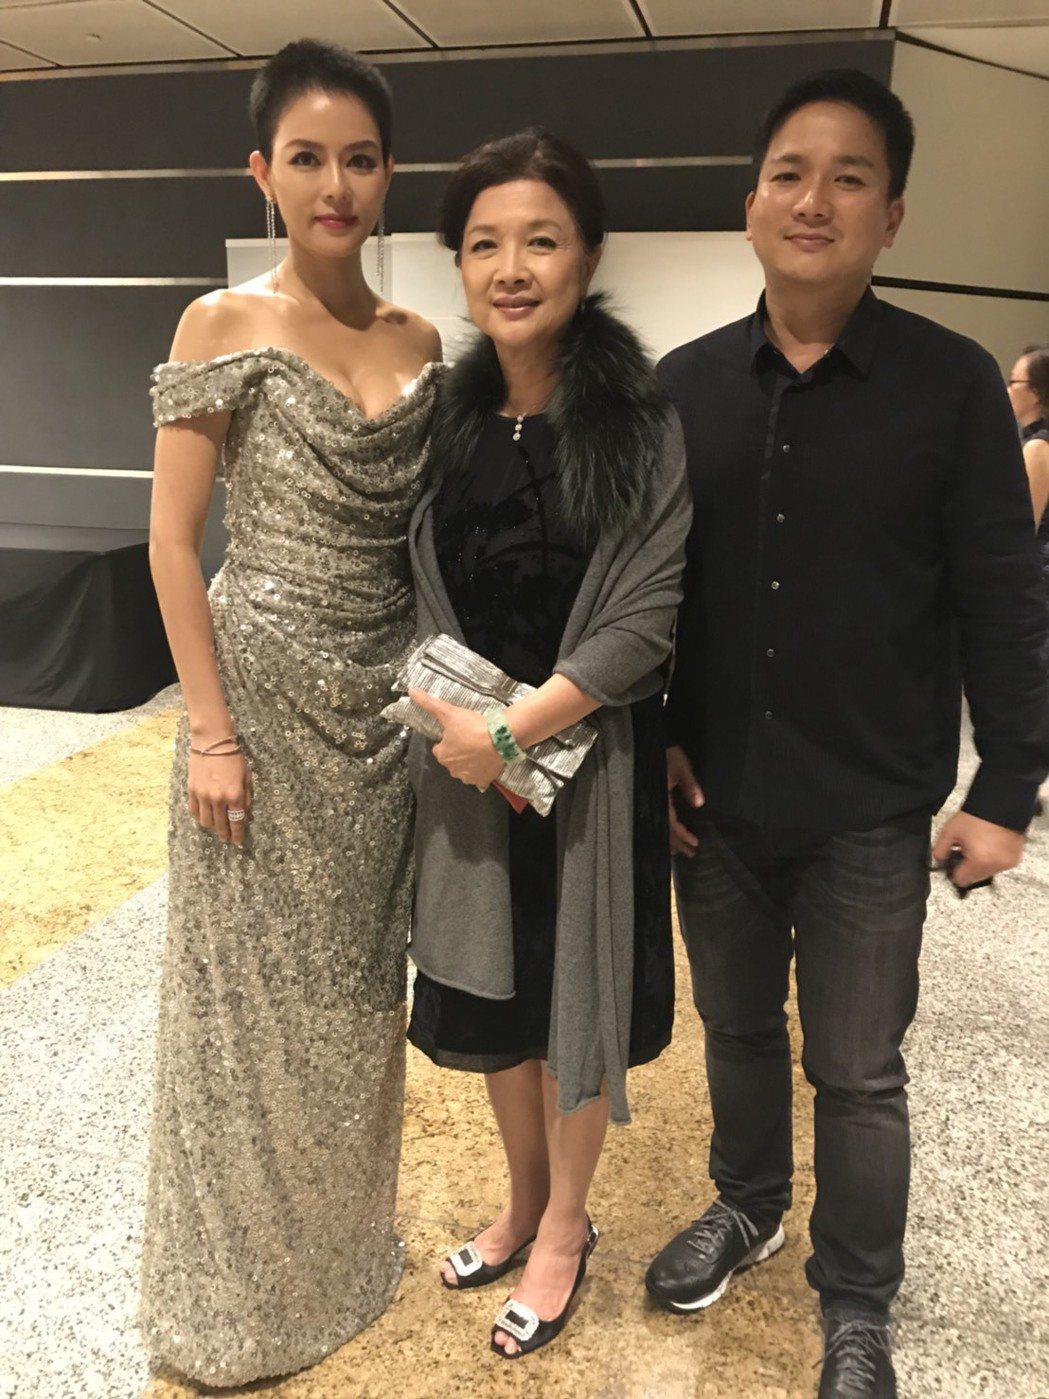 劉香慈出席新加坡亞洲電視大獎,老公和婆婆也到場力挺。圖/民視提供